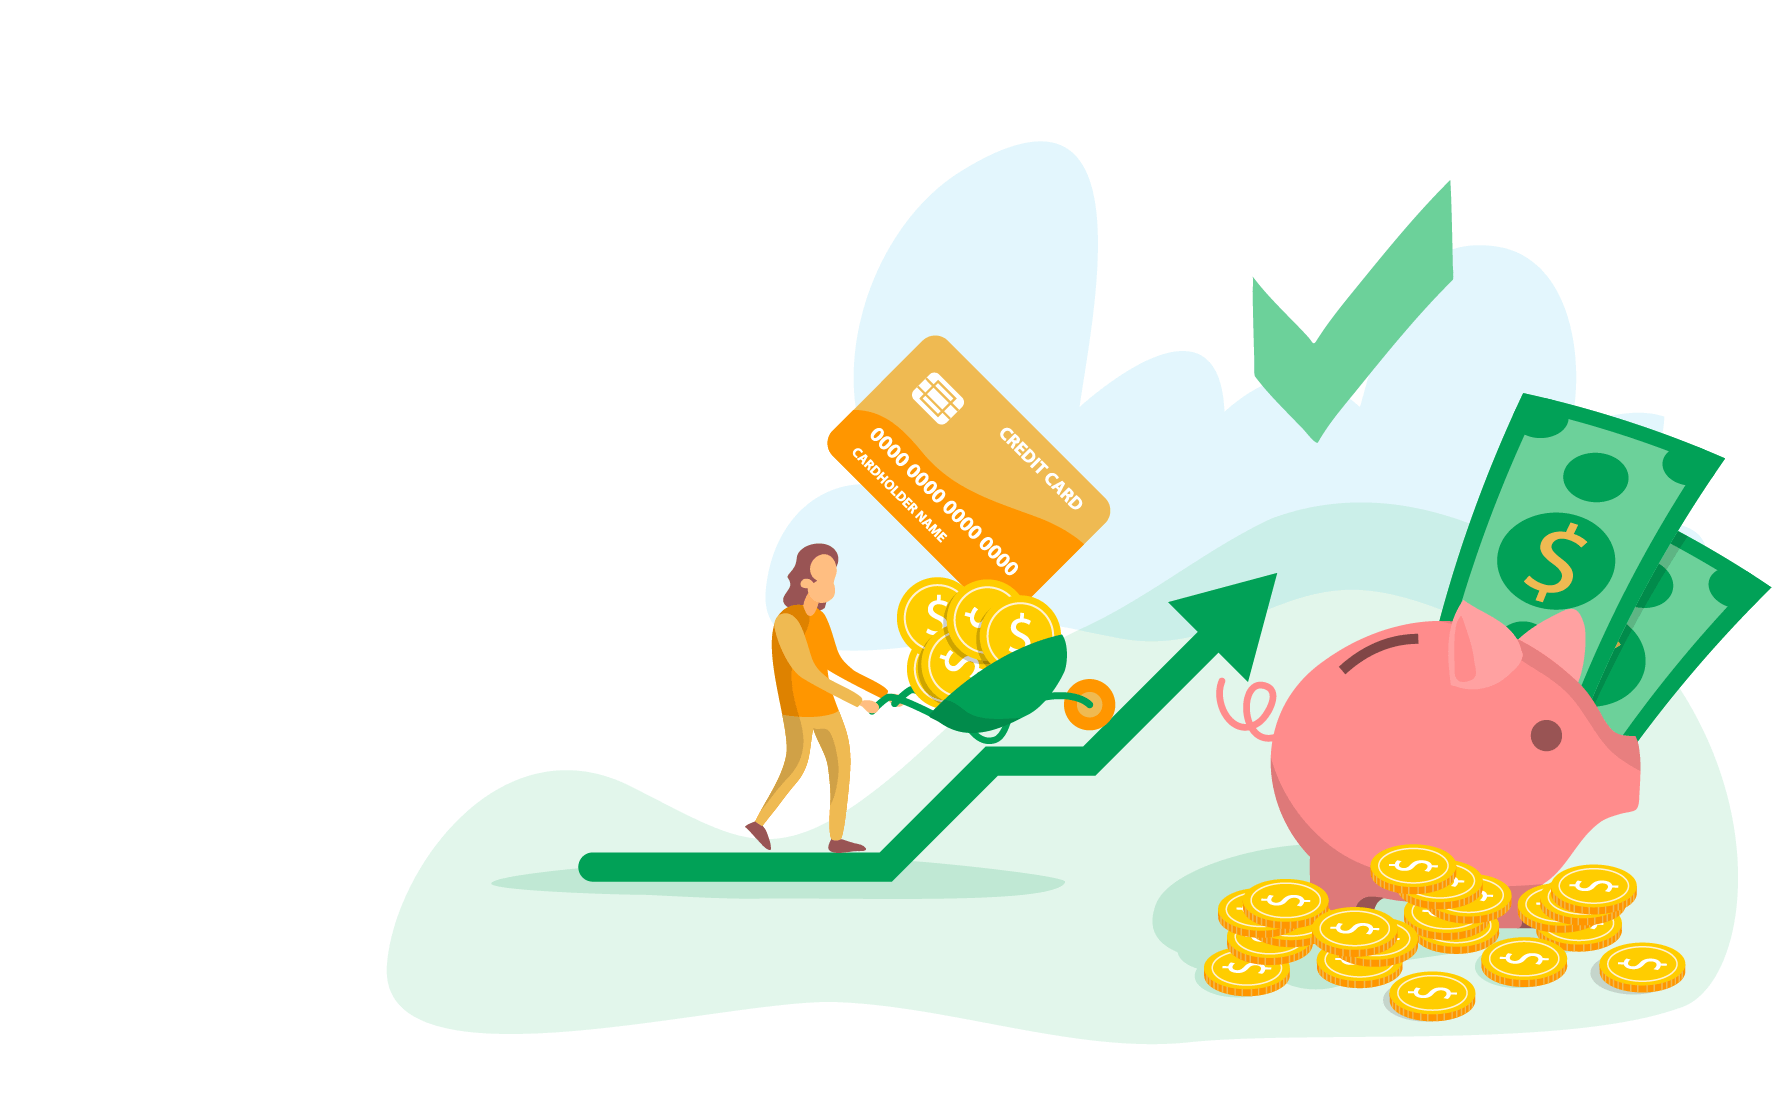 как взять кредит в польше без карты побыту купить квартиру баку кредит